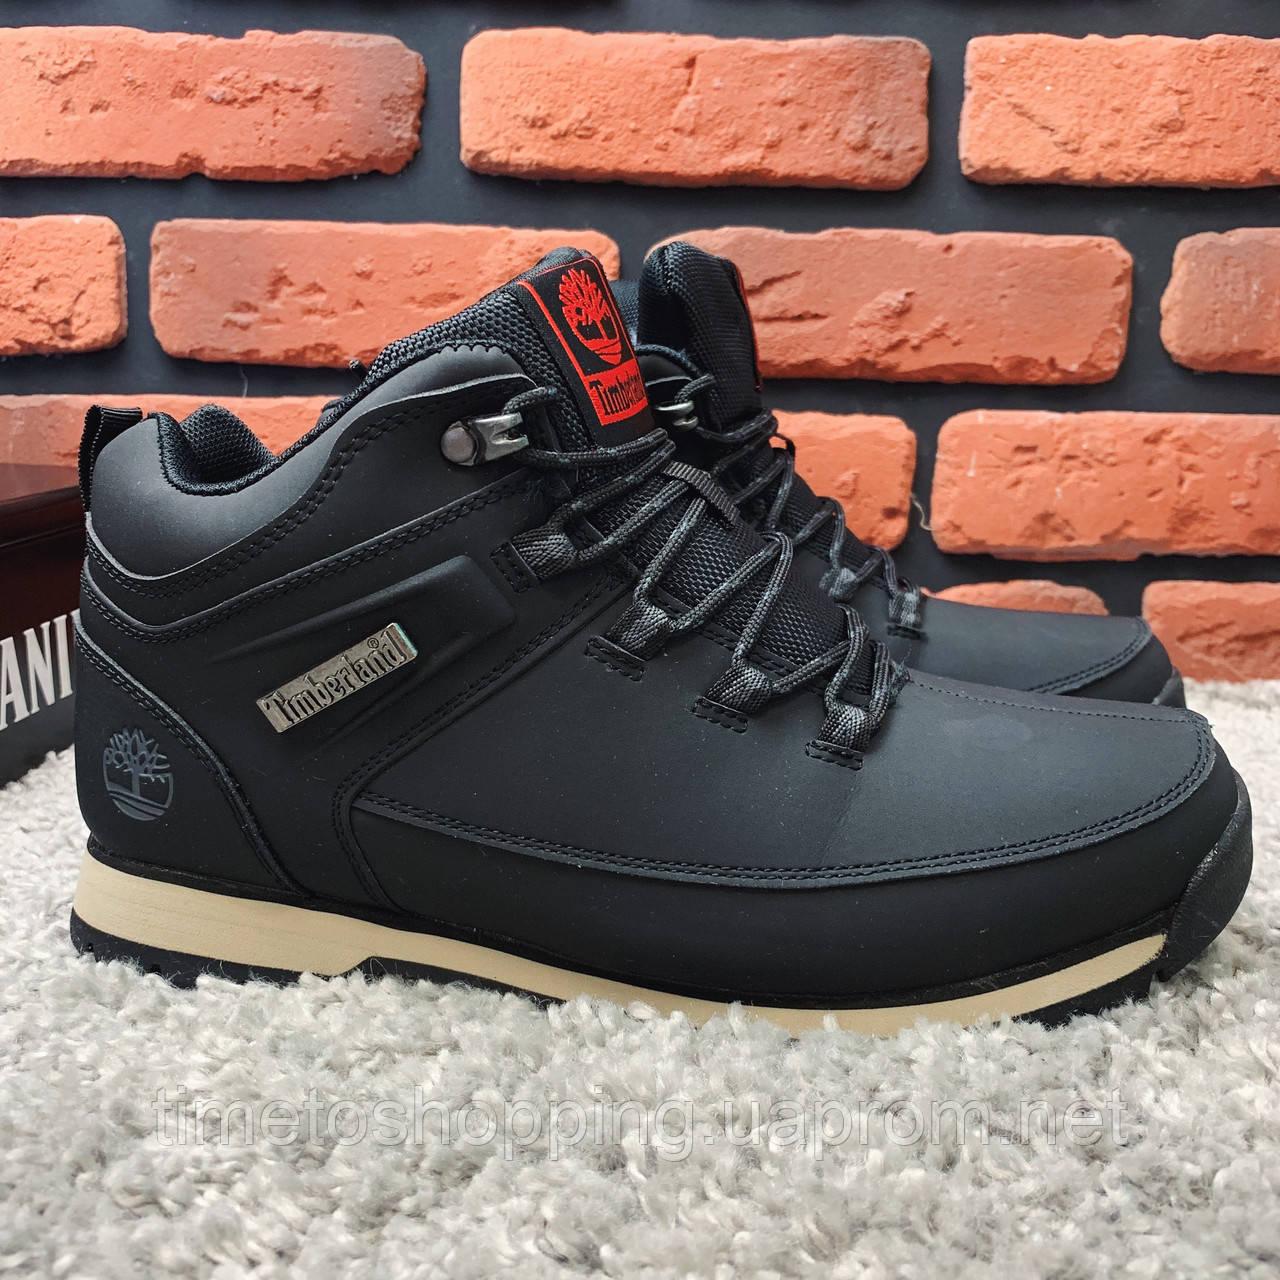 Зимові черевики (на хутрі) чоловічі Timberland 11-002 ⏩РОЗМІР [ 41,42,44 ]